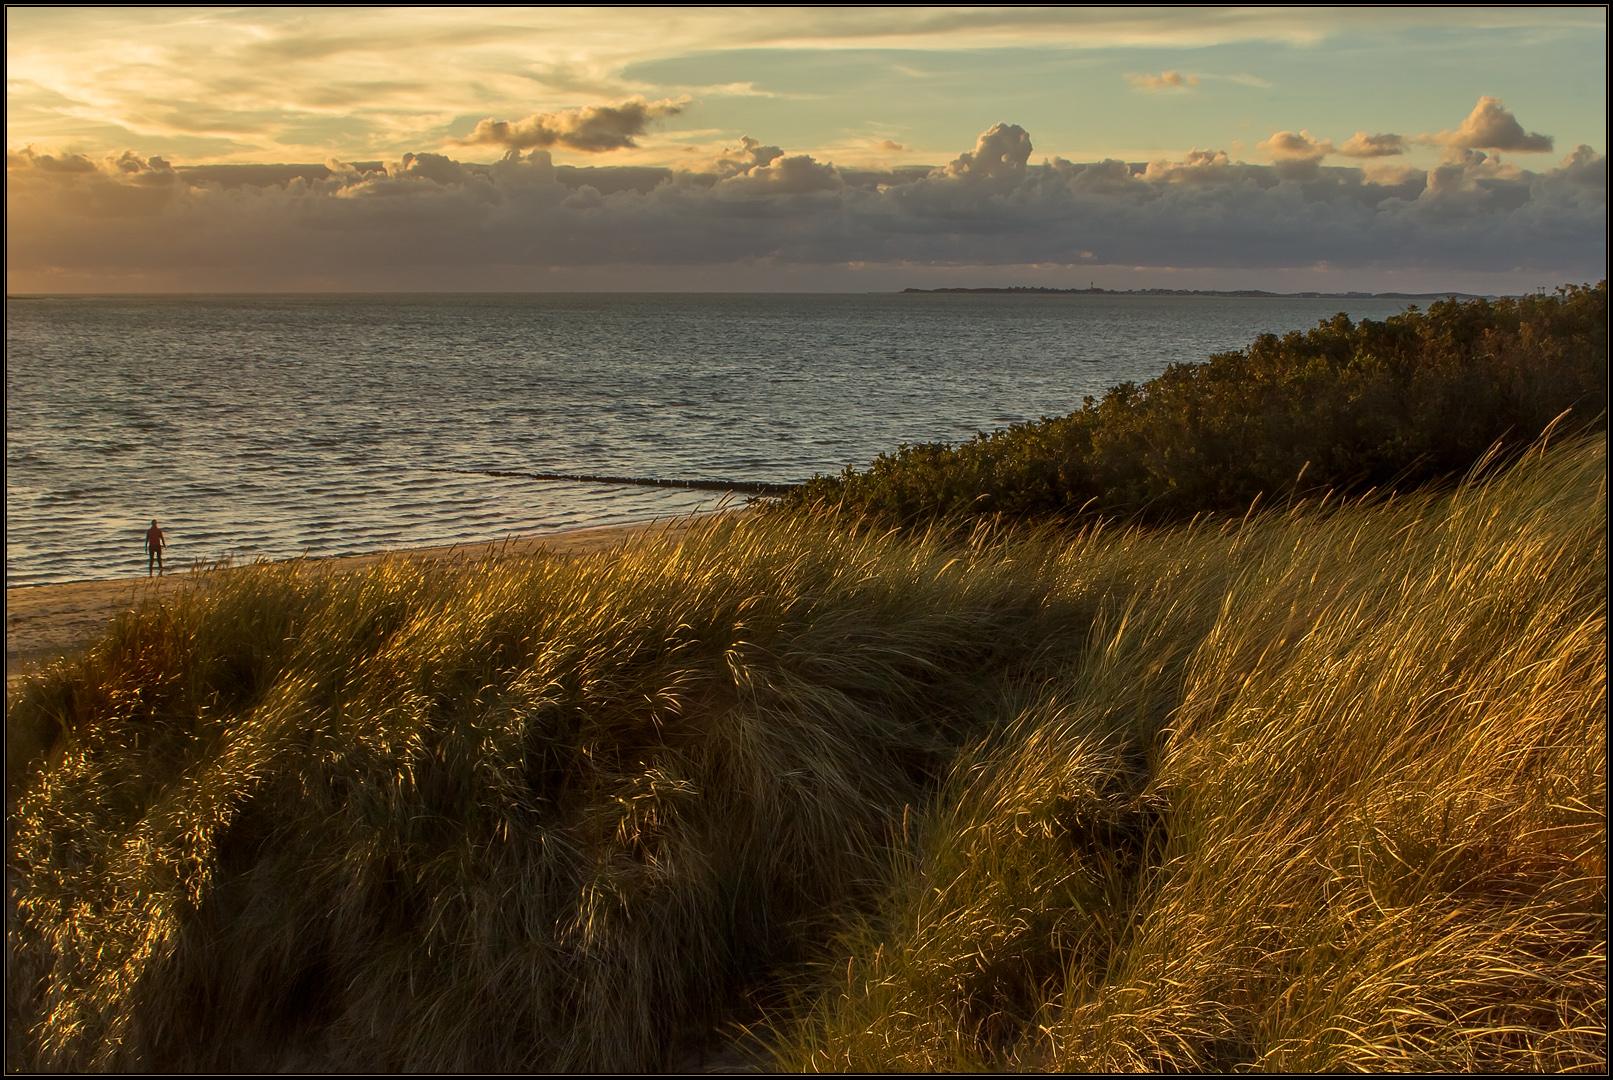 ...allein am Meer...